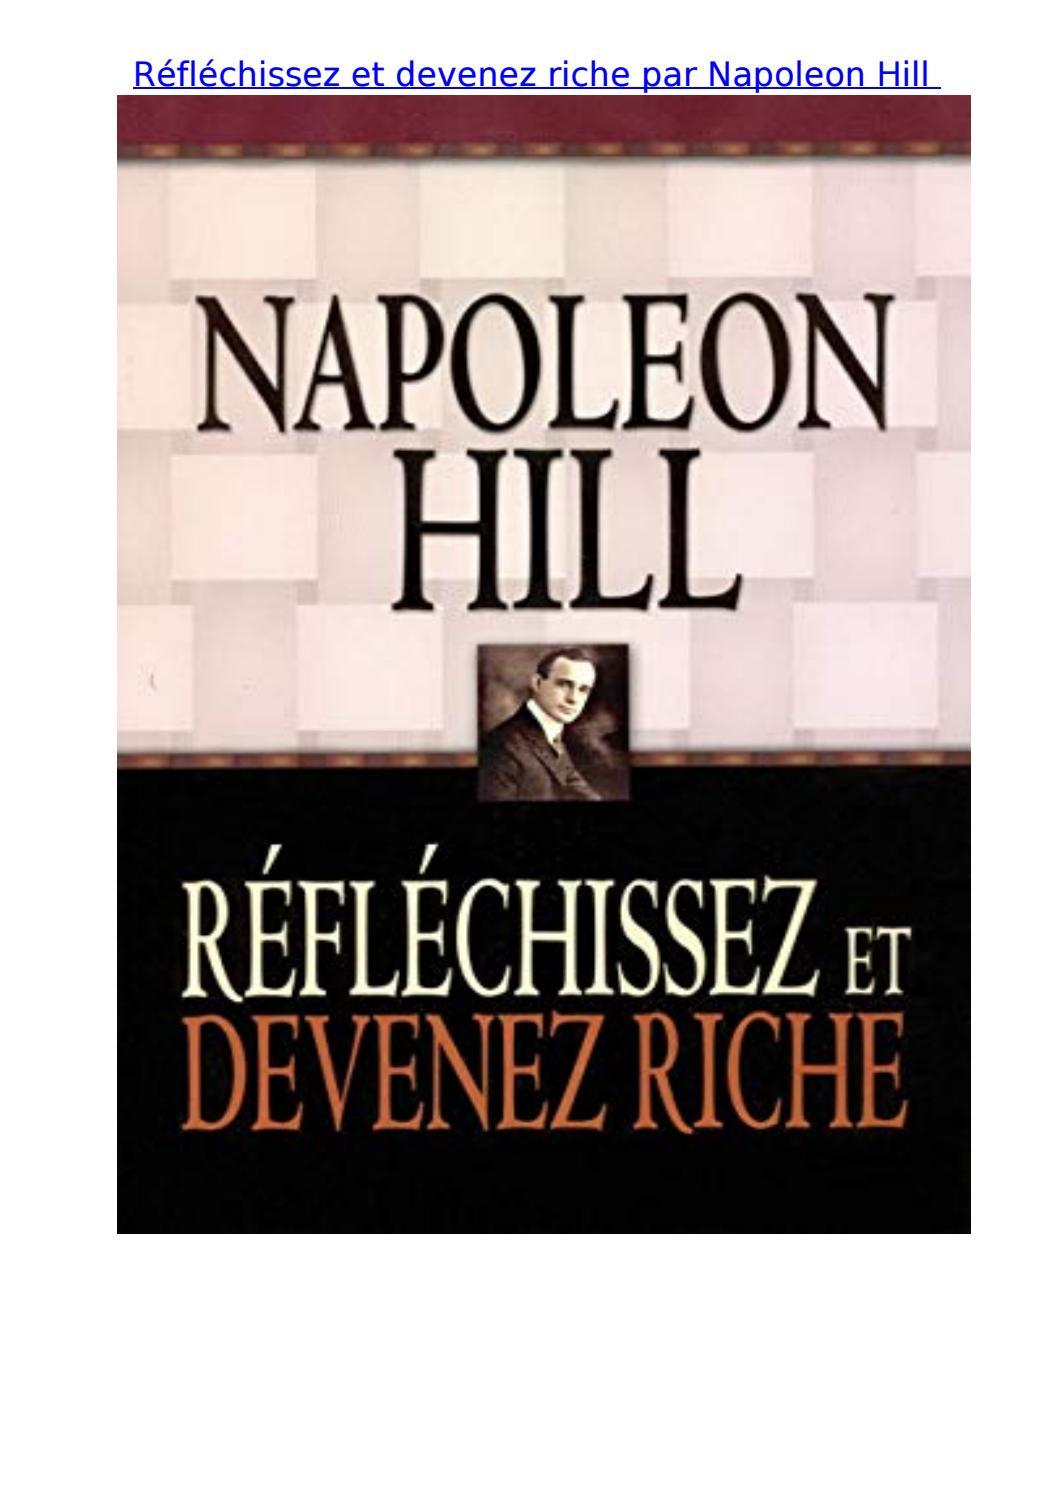 Reflechissez Et Devenez Riche Par Napoleon Hill By Sarah